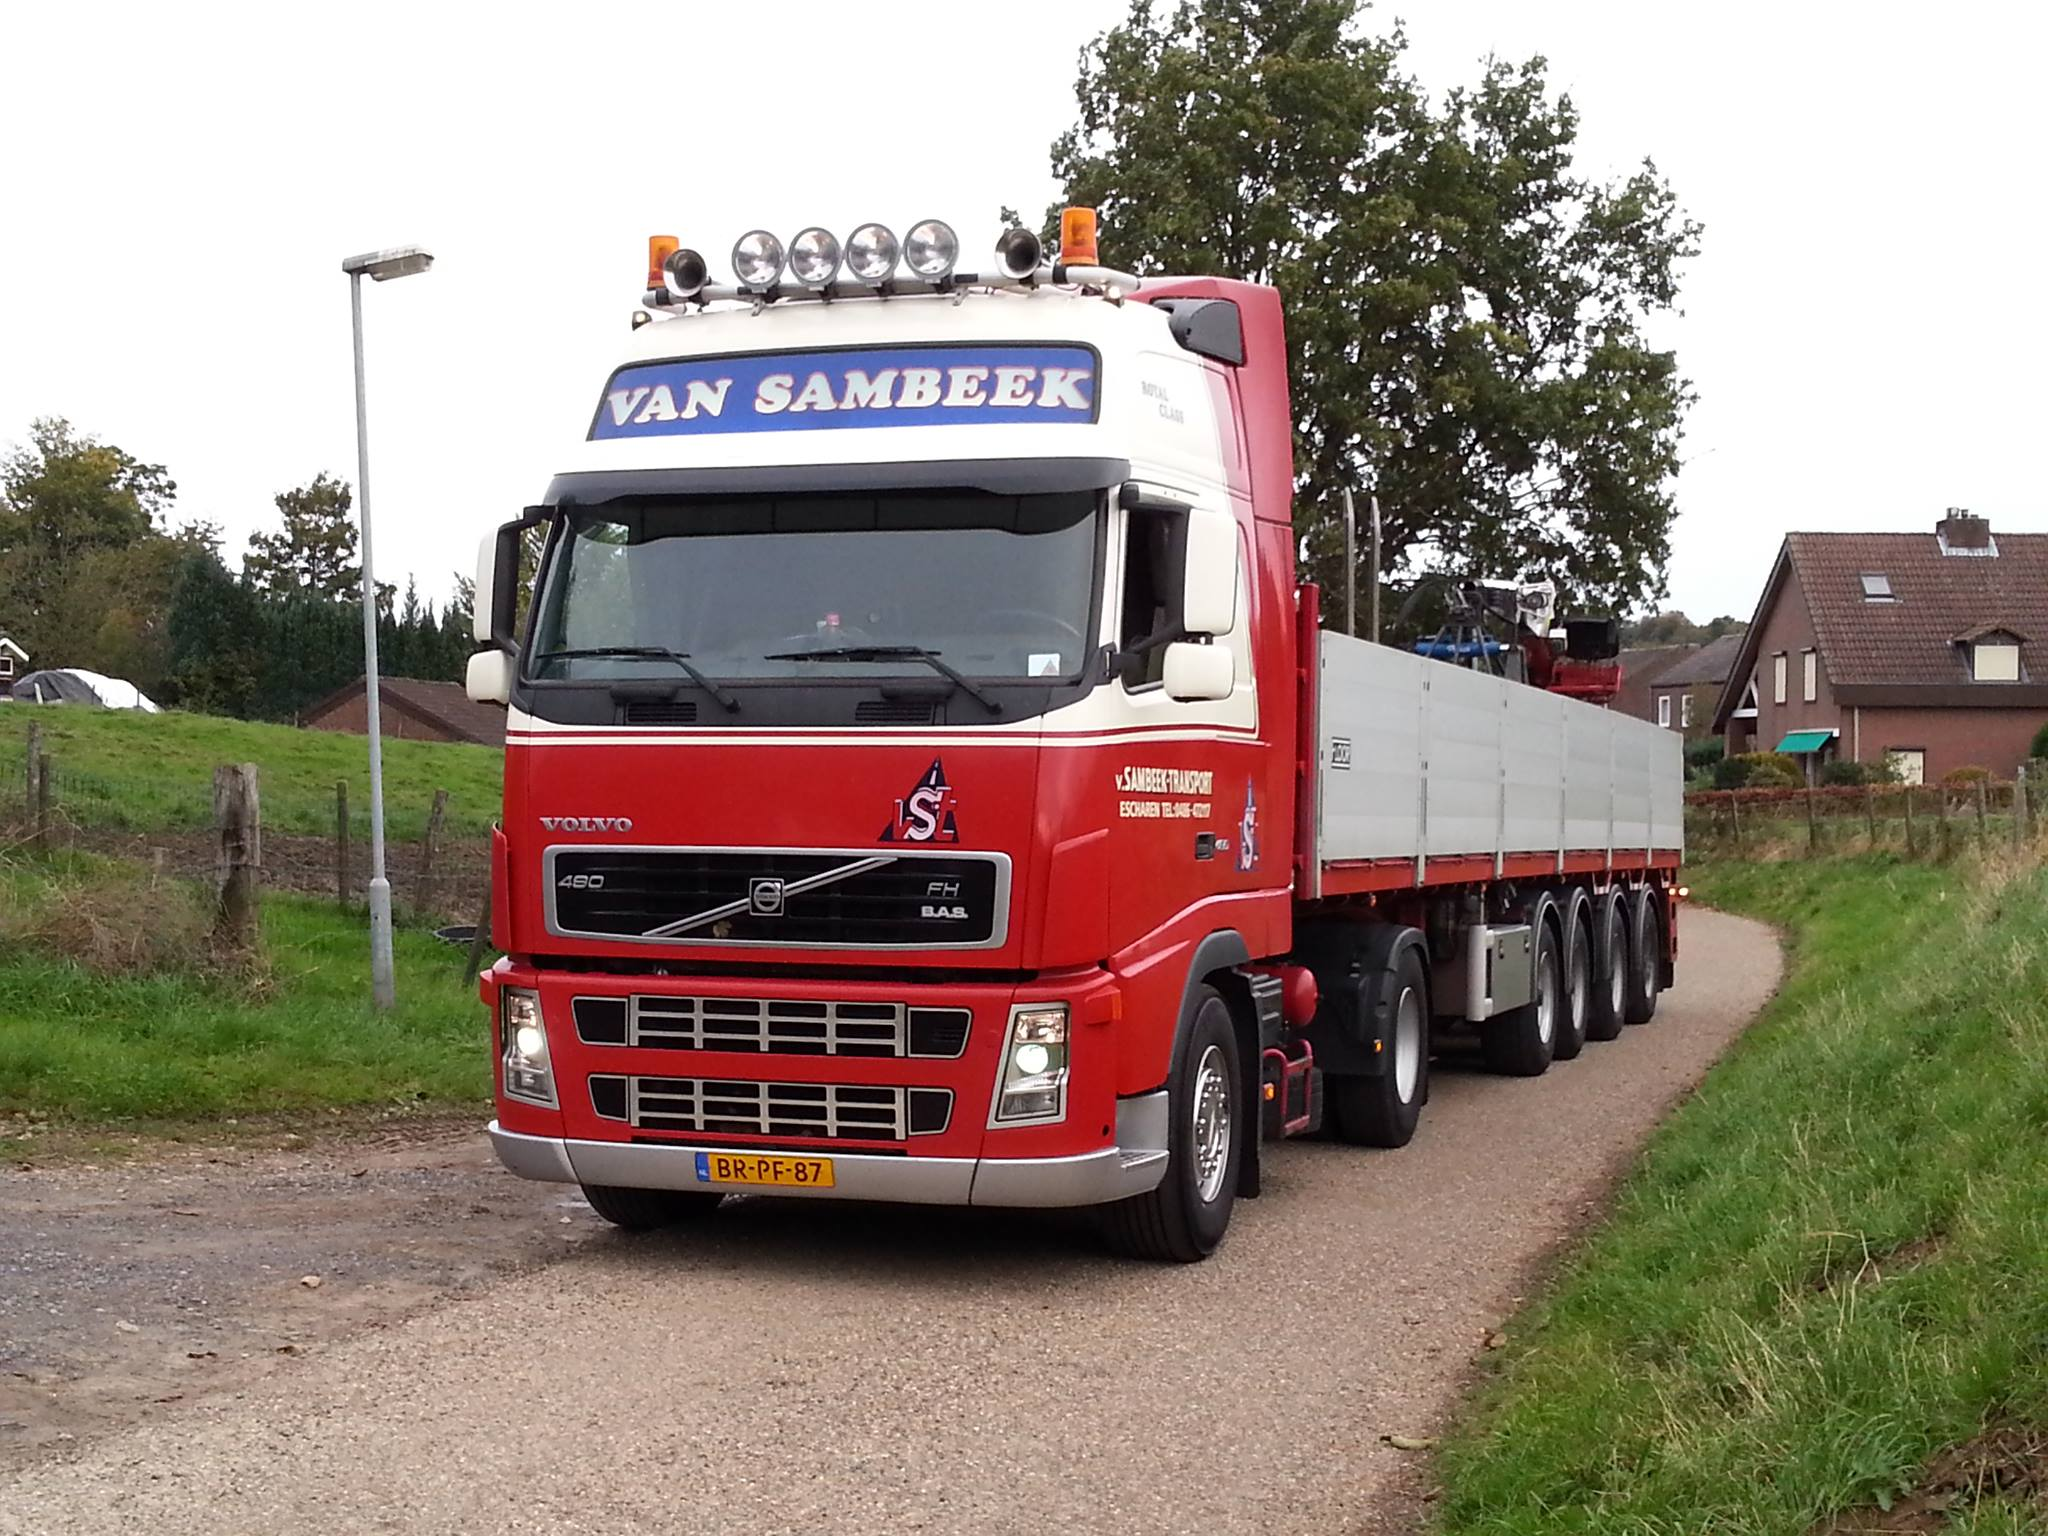 Volvo-BR-PF-87-vandaag-8-Jaar-En-950-000KM-in-het-binnenlandje--